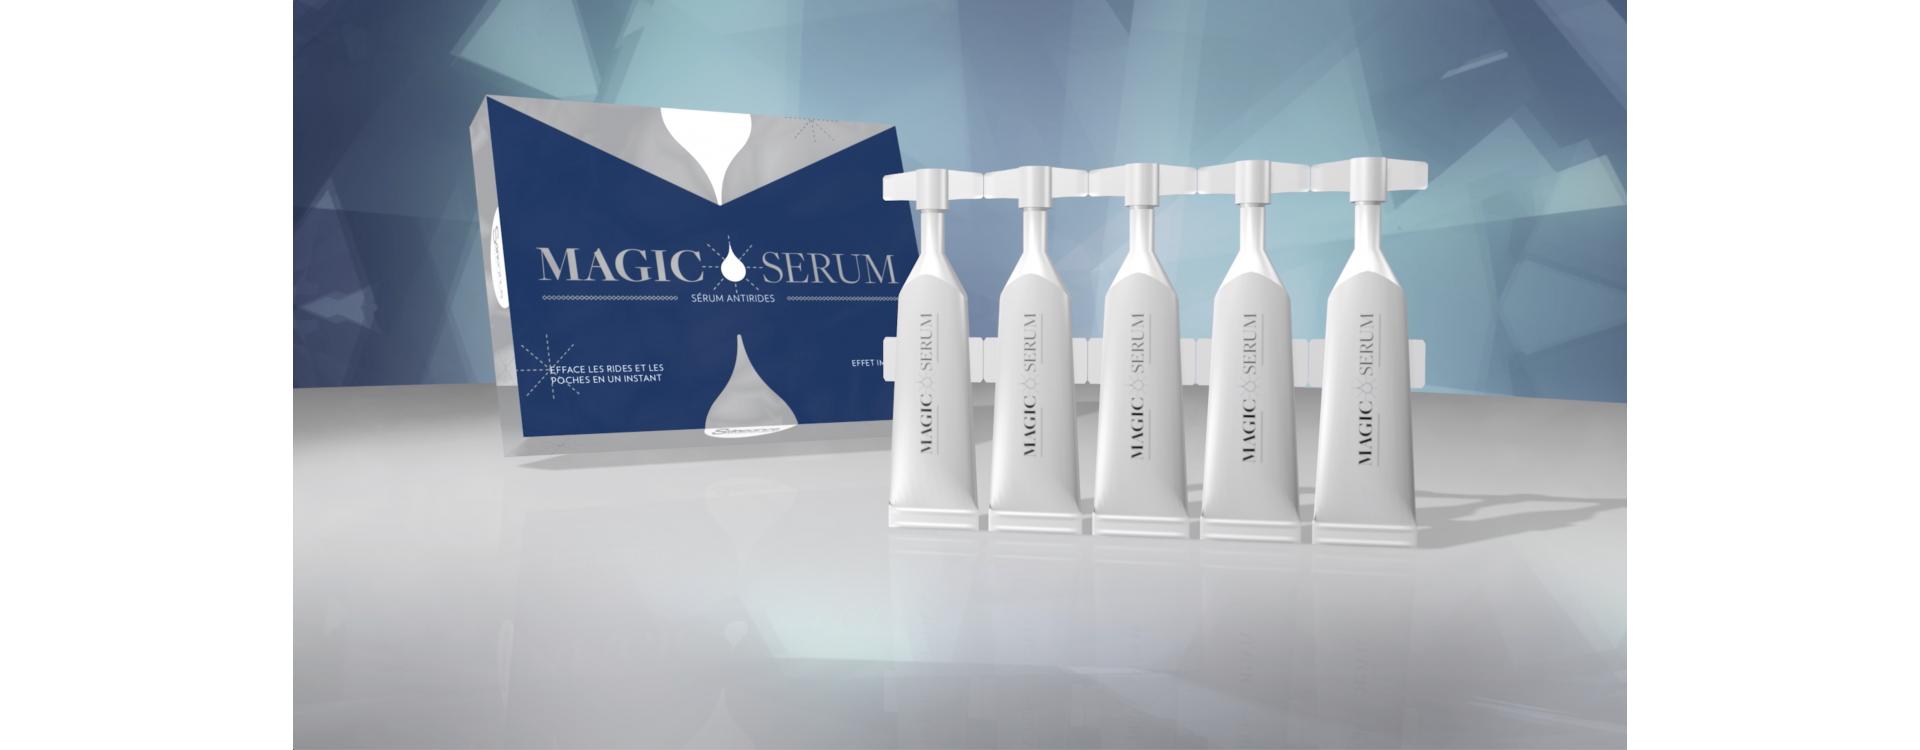 Przeciwzmarszczkowe Magic Serum - niepozorna ulga dla skóry